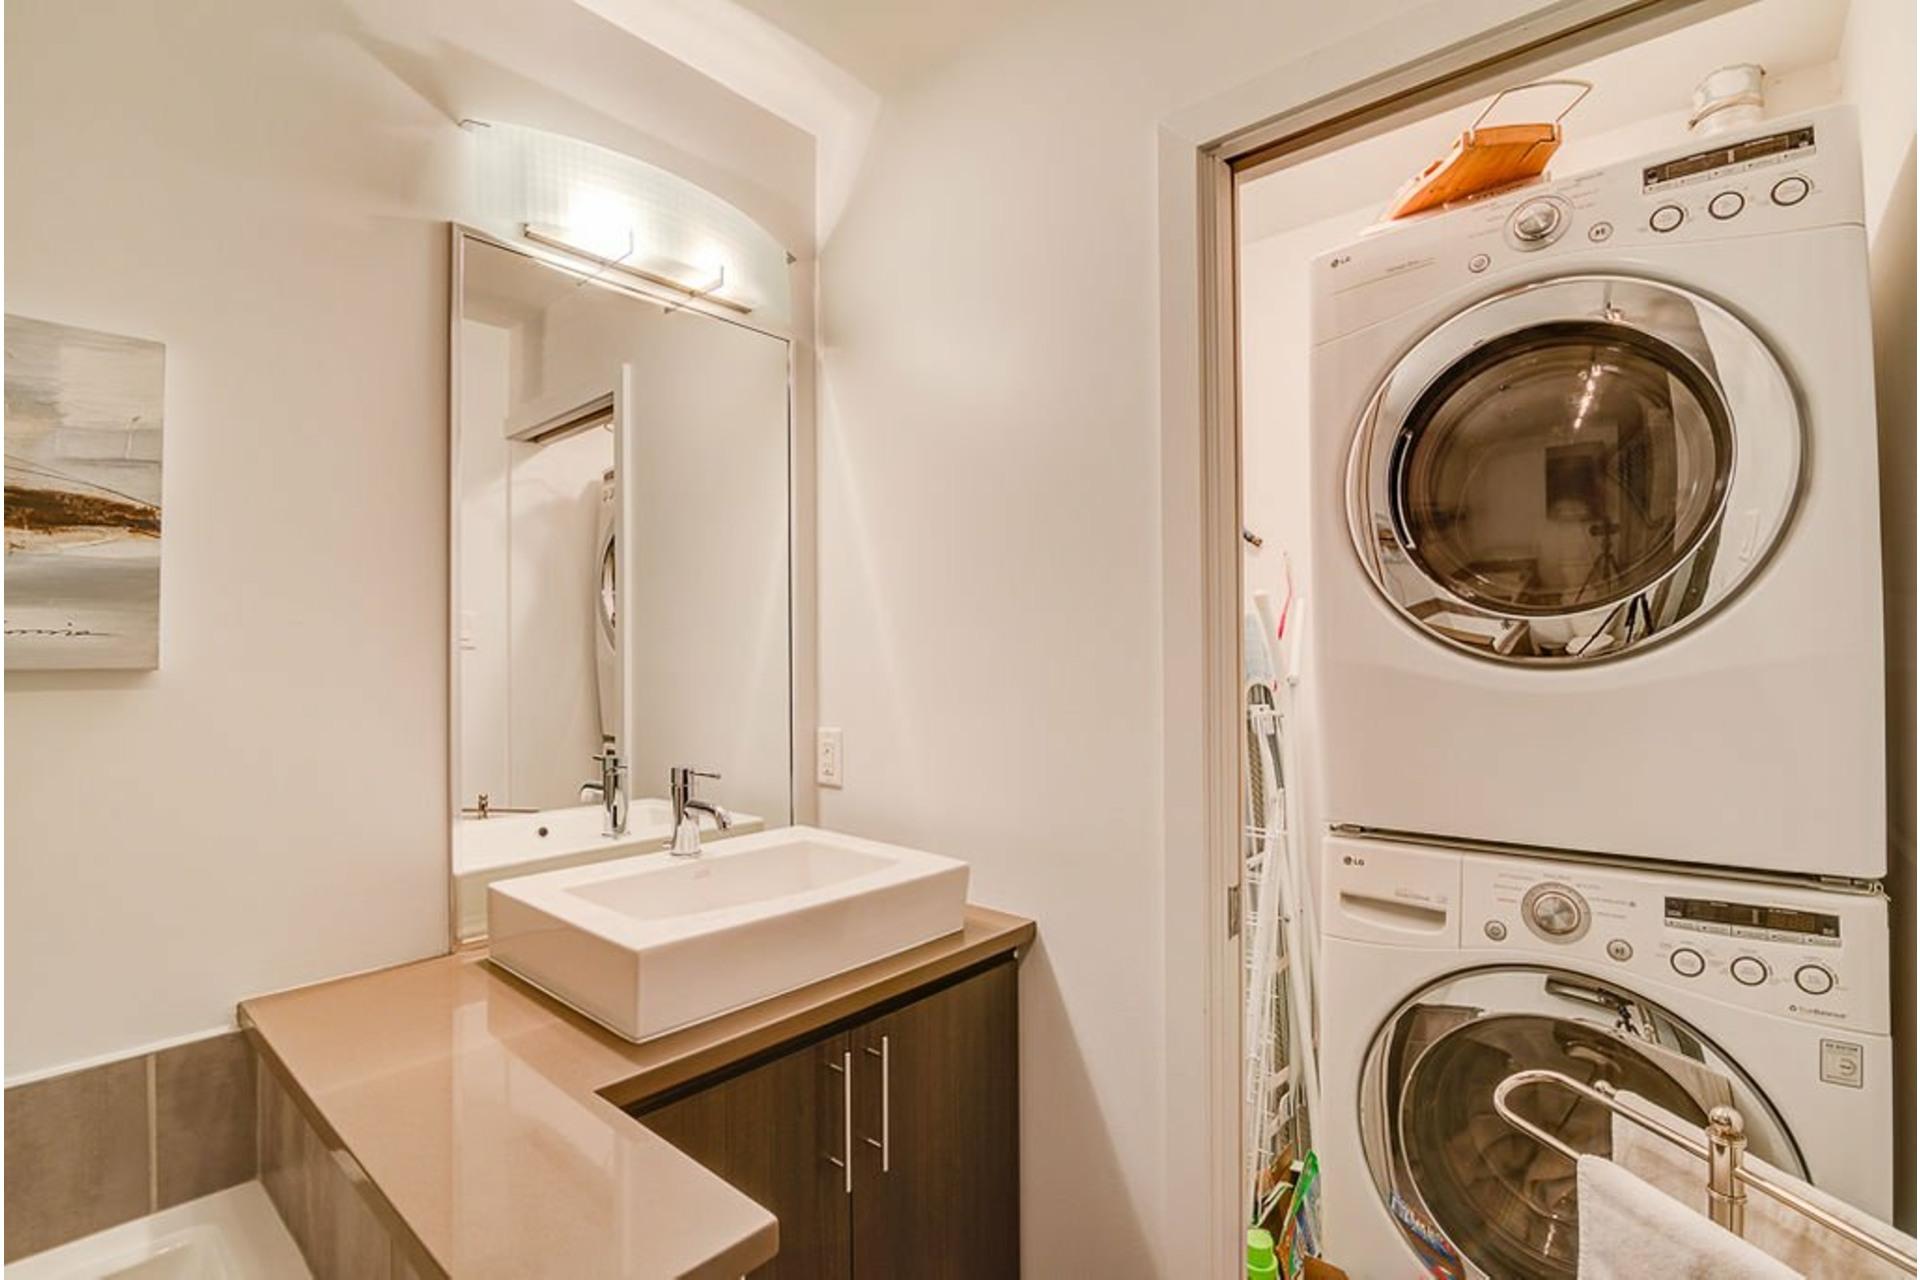 image 28 - Appartement À vendre Villeray/Saint-Michel/Parc-Extension Montréal  - 6 pièces